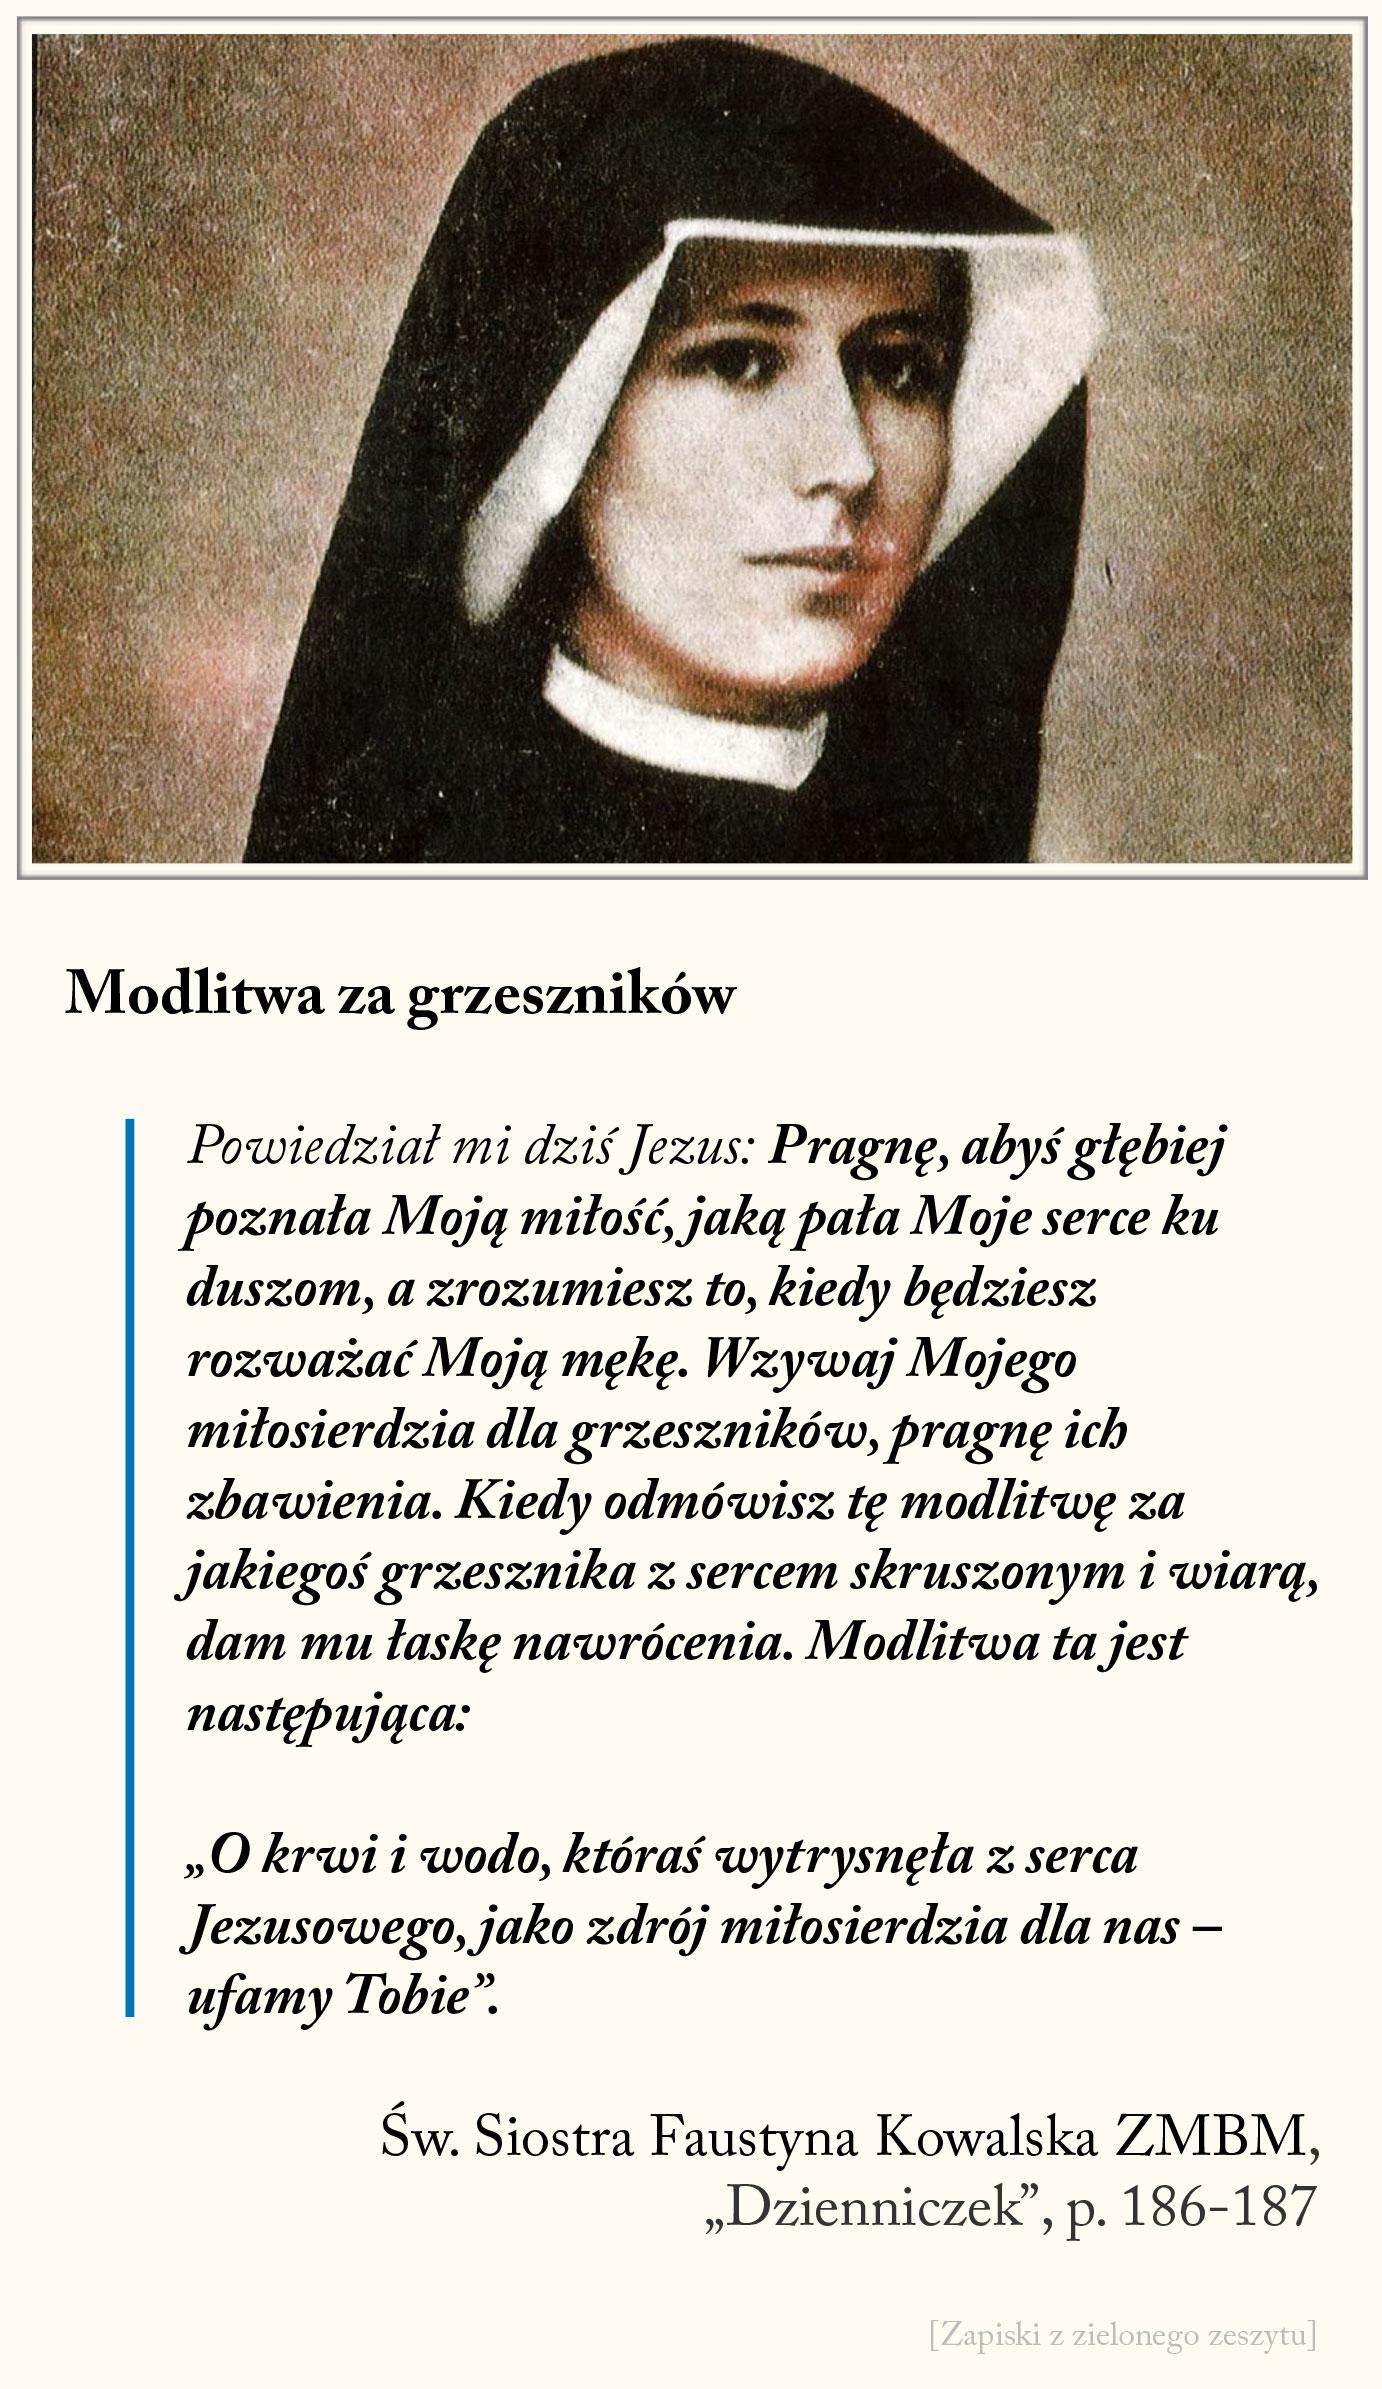 Modlitwa za grzeszników, św. Faustyna Kowalska